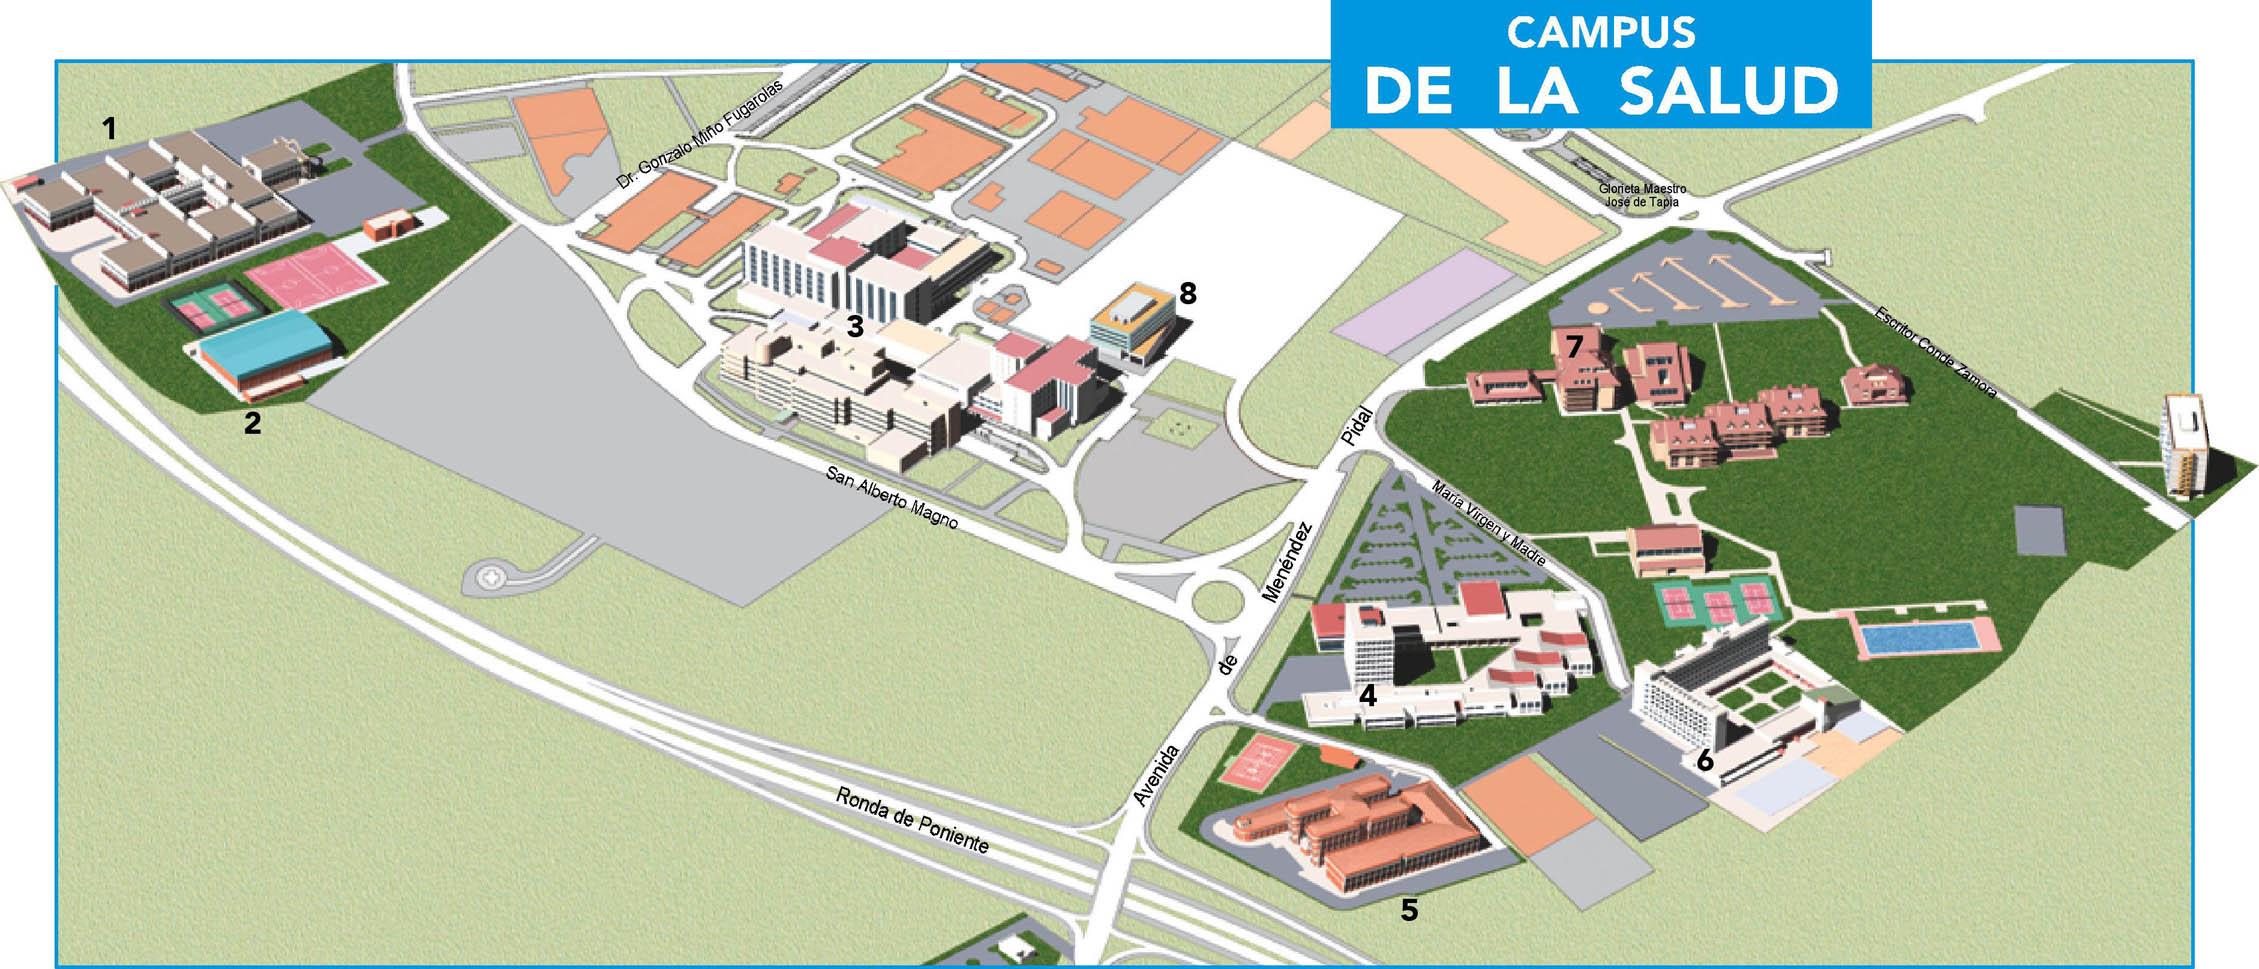 campus-de-la-salud-3000px